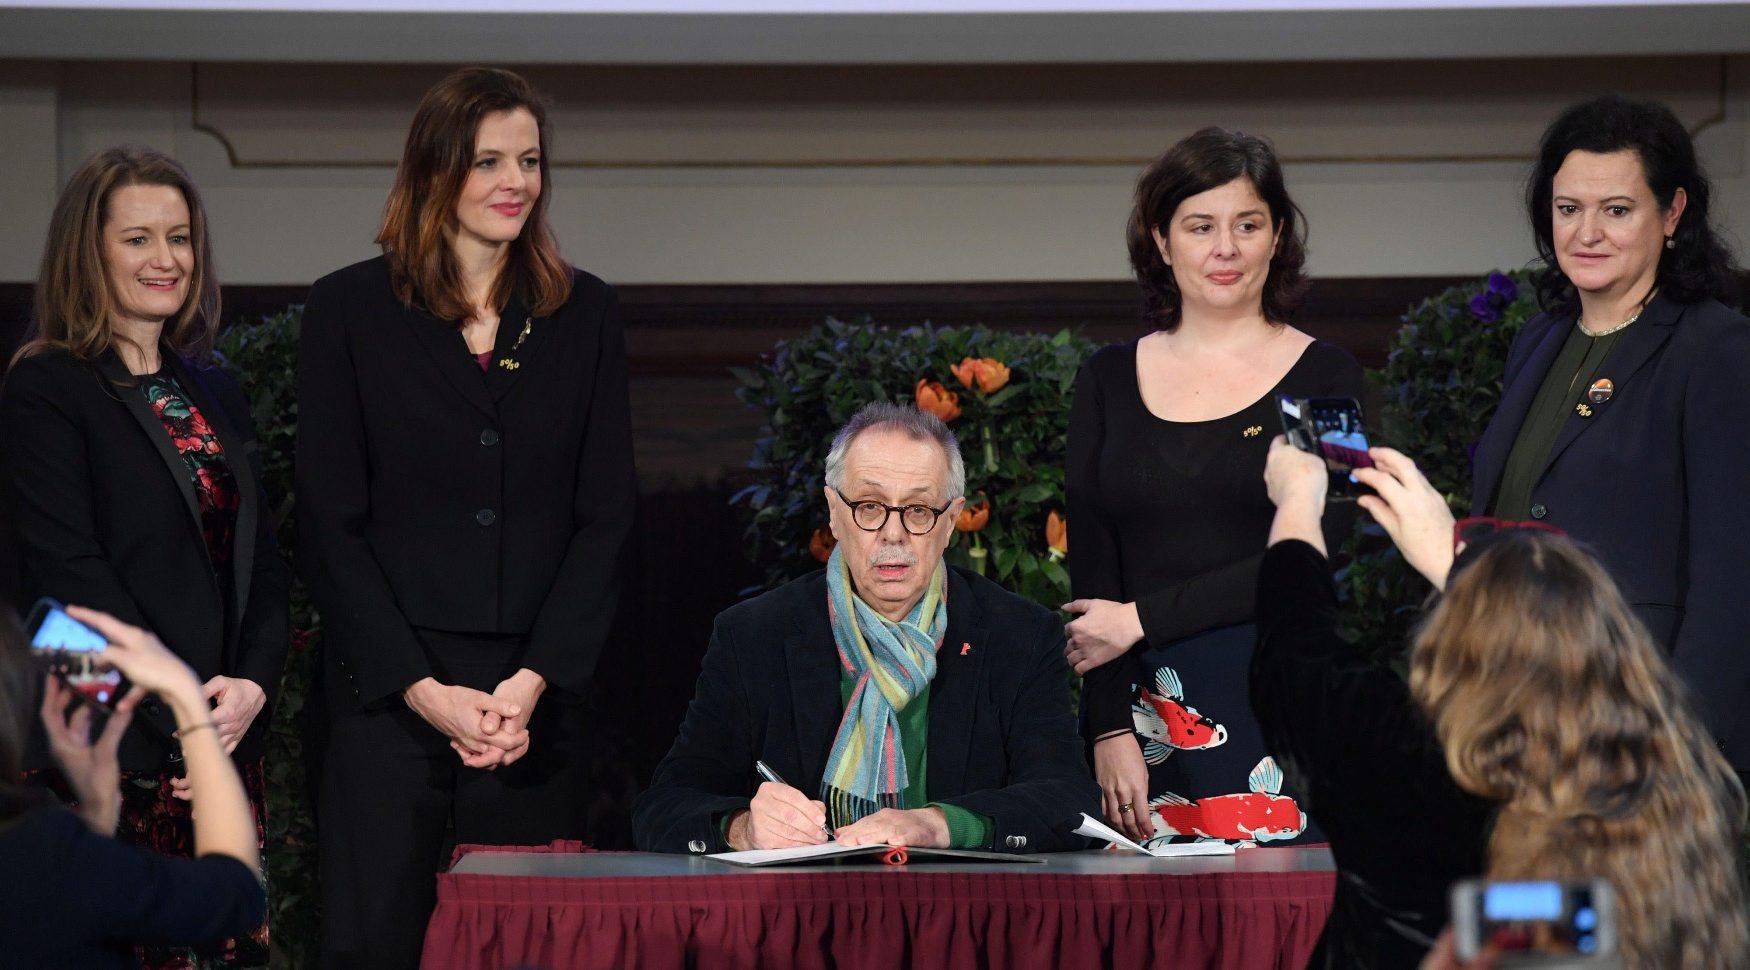 Šef festivala Dieter Kosslick pismeno se obvezao da će promicati više žena u filmskoj industriji